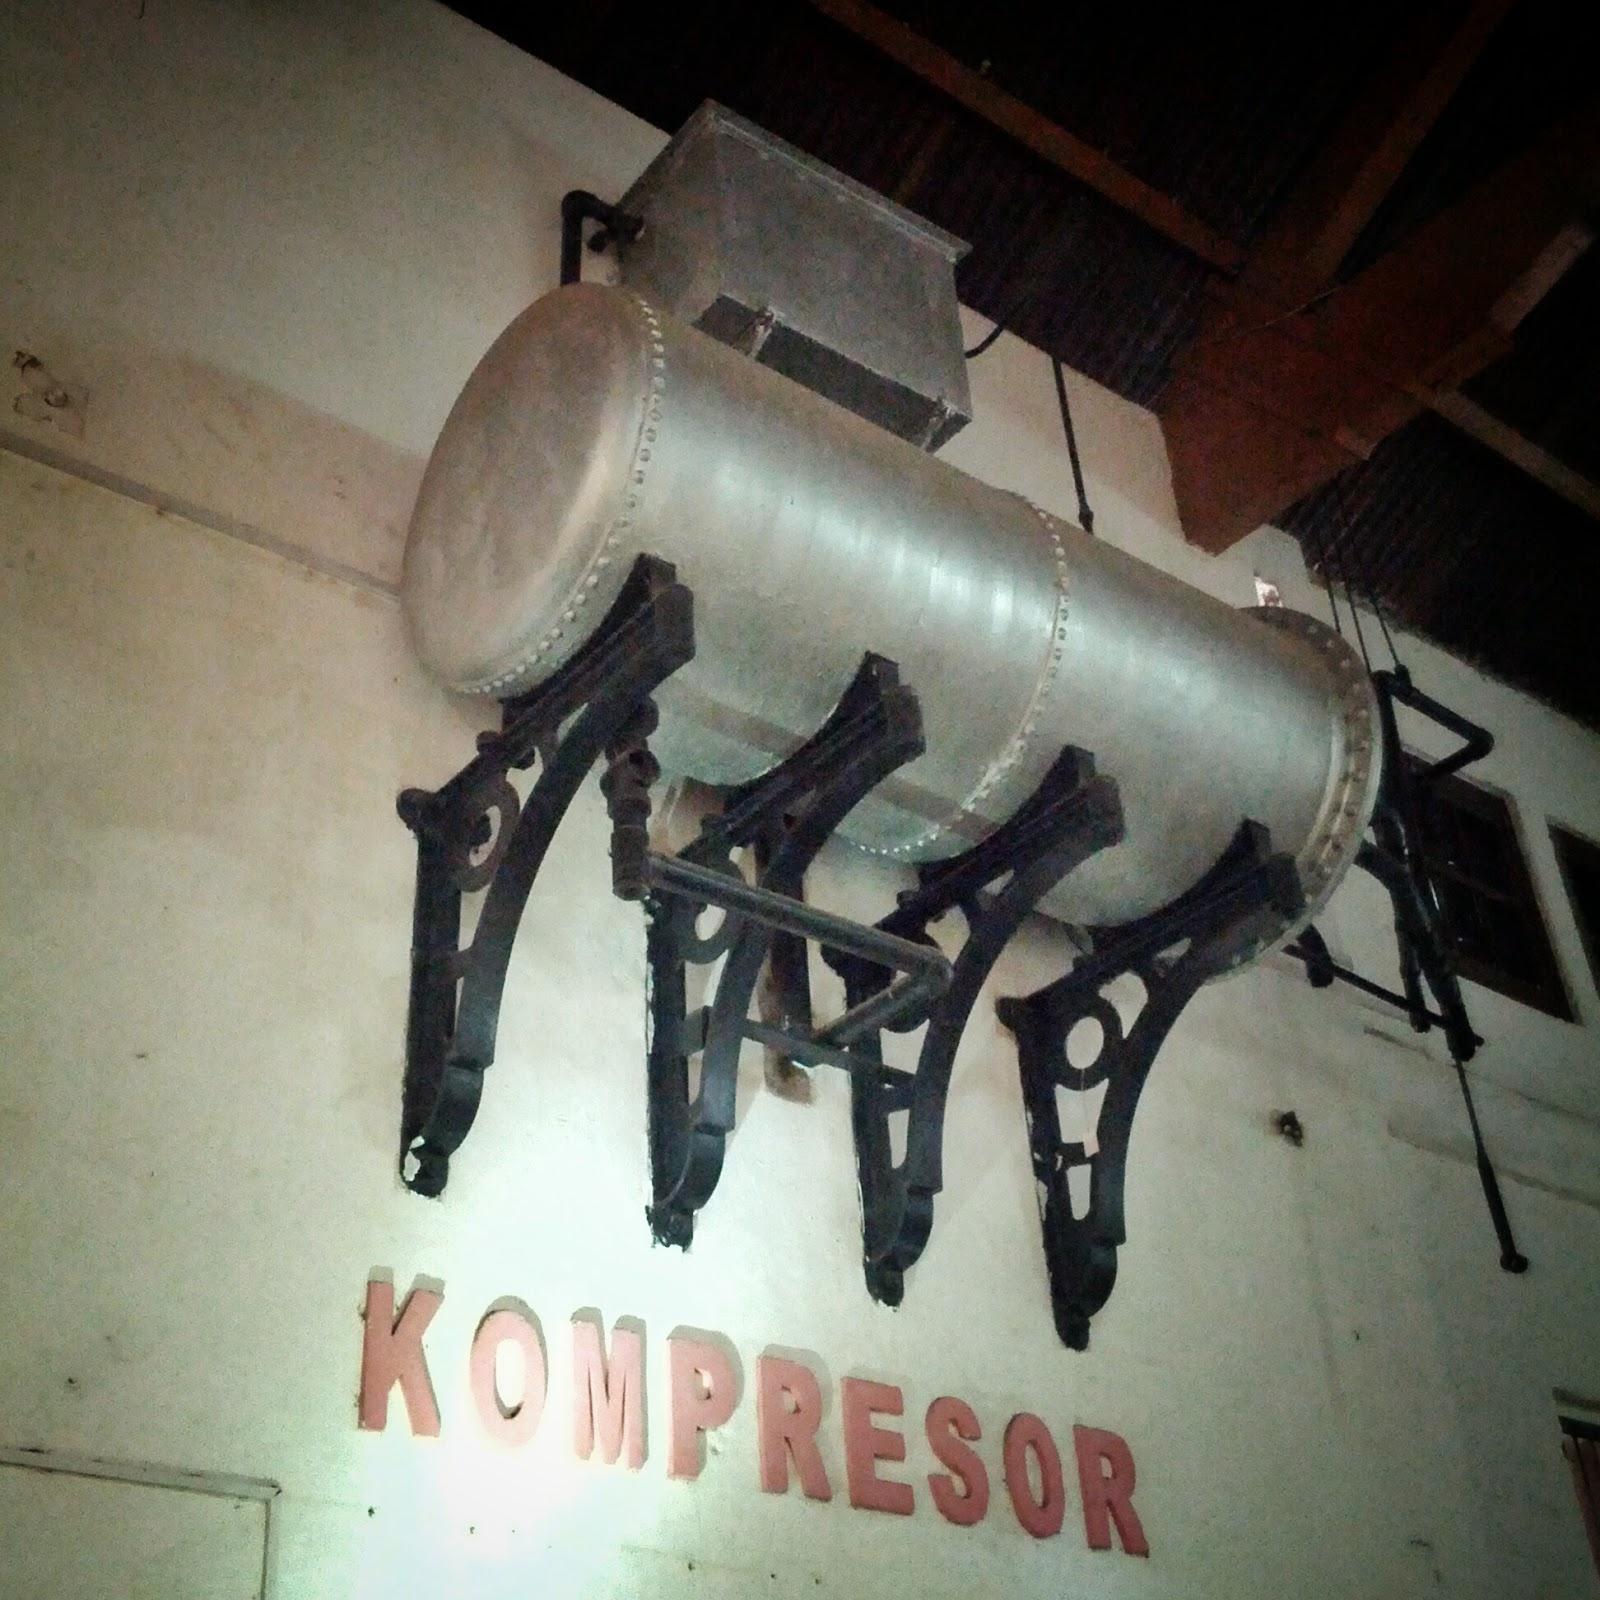 Kompresor yang digunakan untuk mengatur suhu adalah salah satu koleksi pilihan museum Goedang Ransoem Sawahlunto. sumber: firzazr.blogspot.com